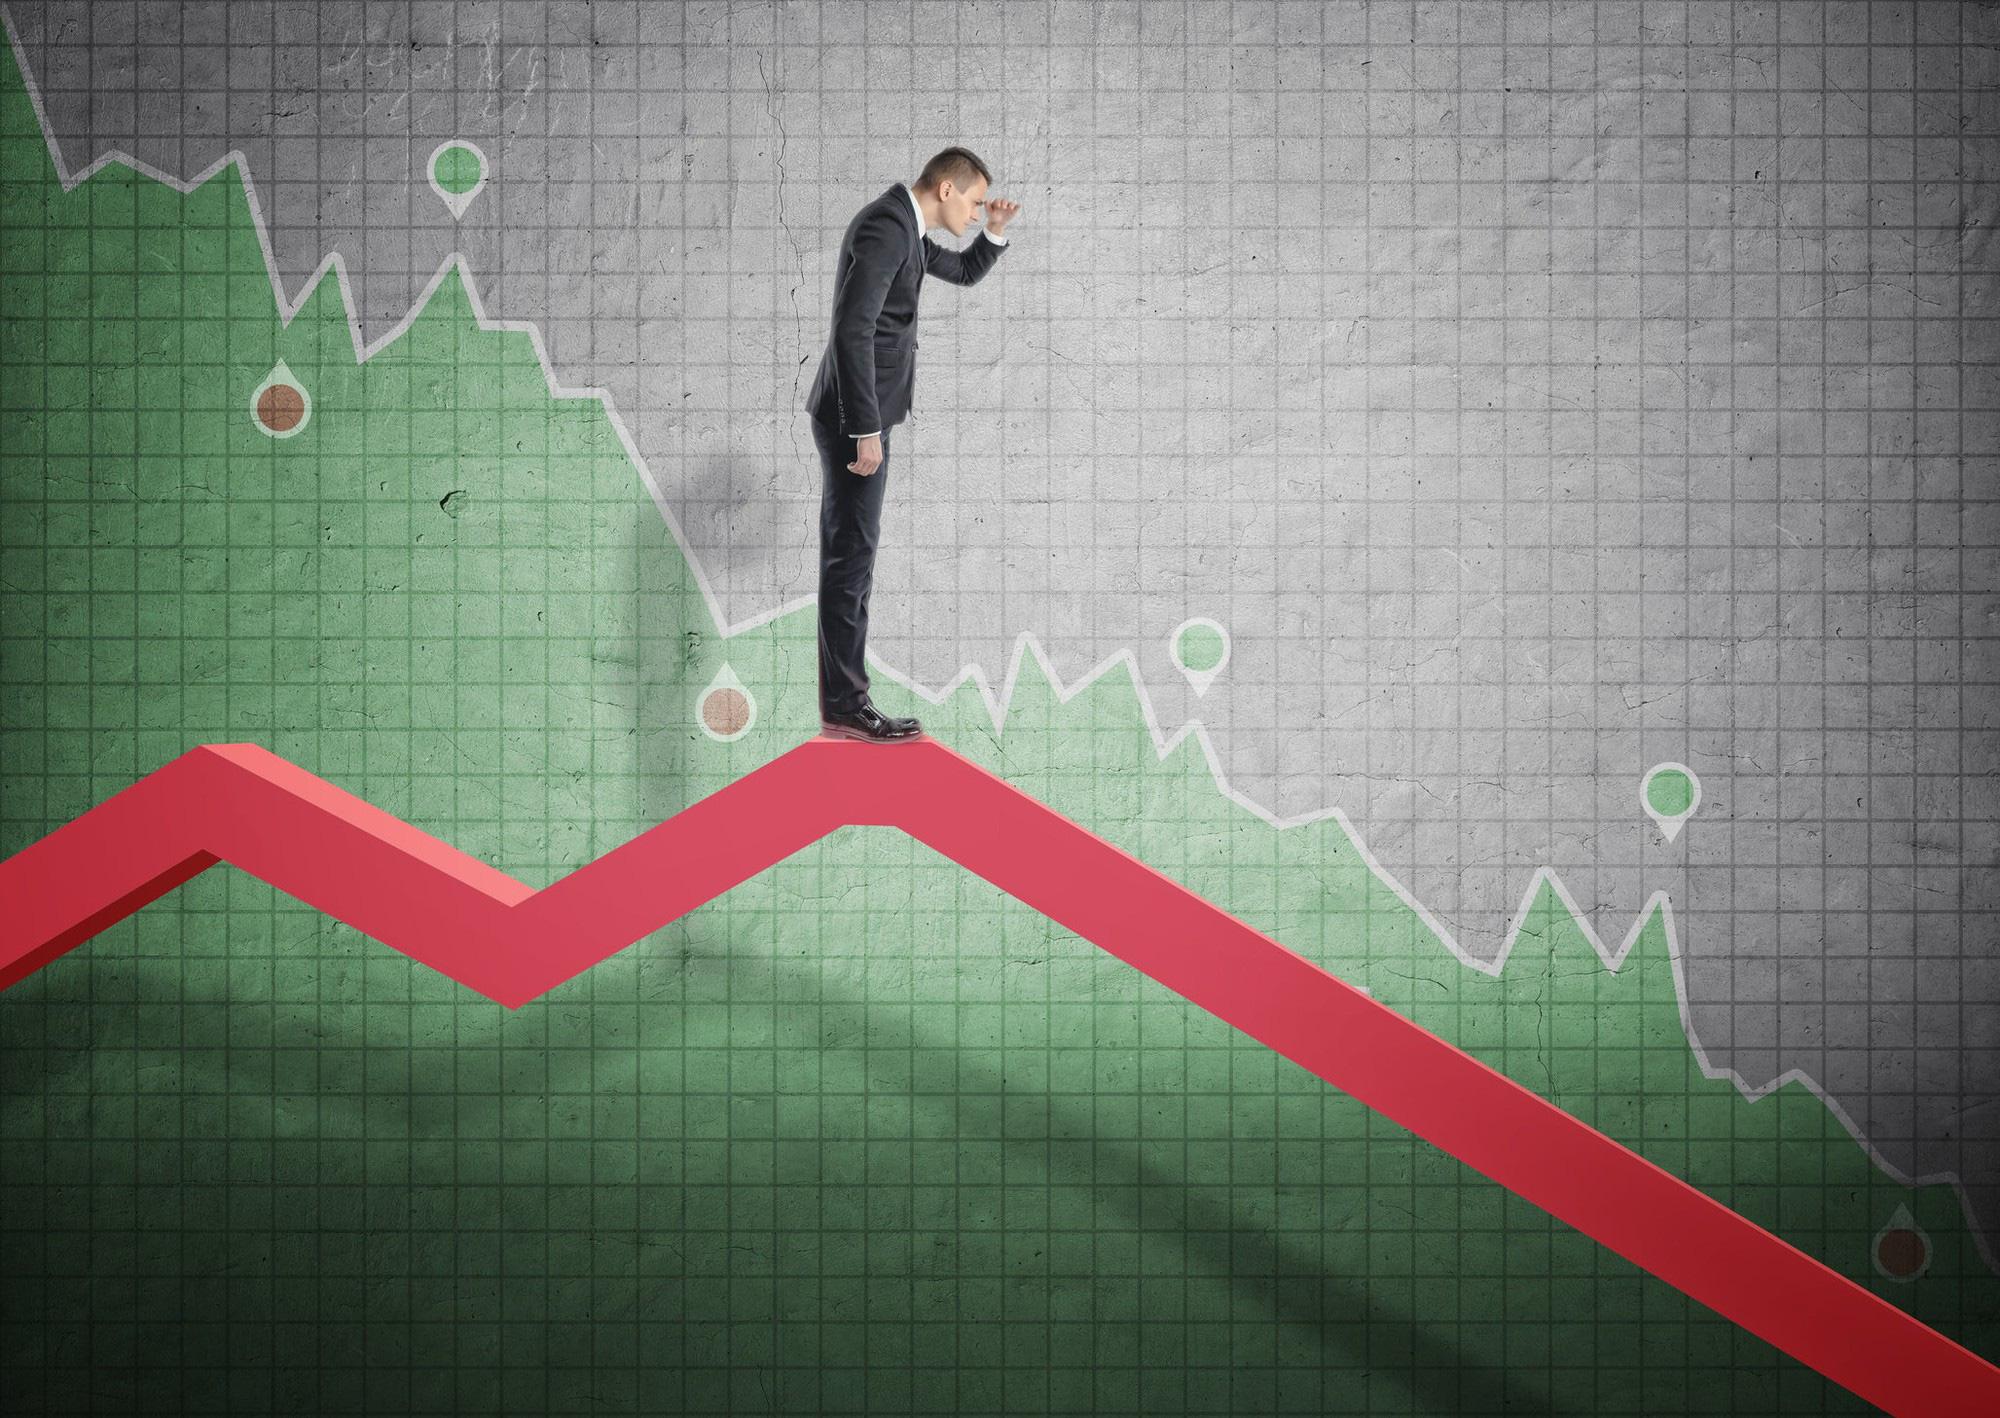 Thị trường chứng khoán 8/9: Chịu áp lực giảm điểm - Ảnh 1.